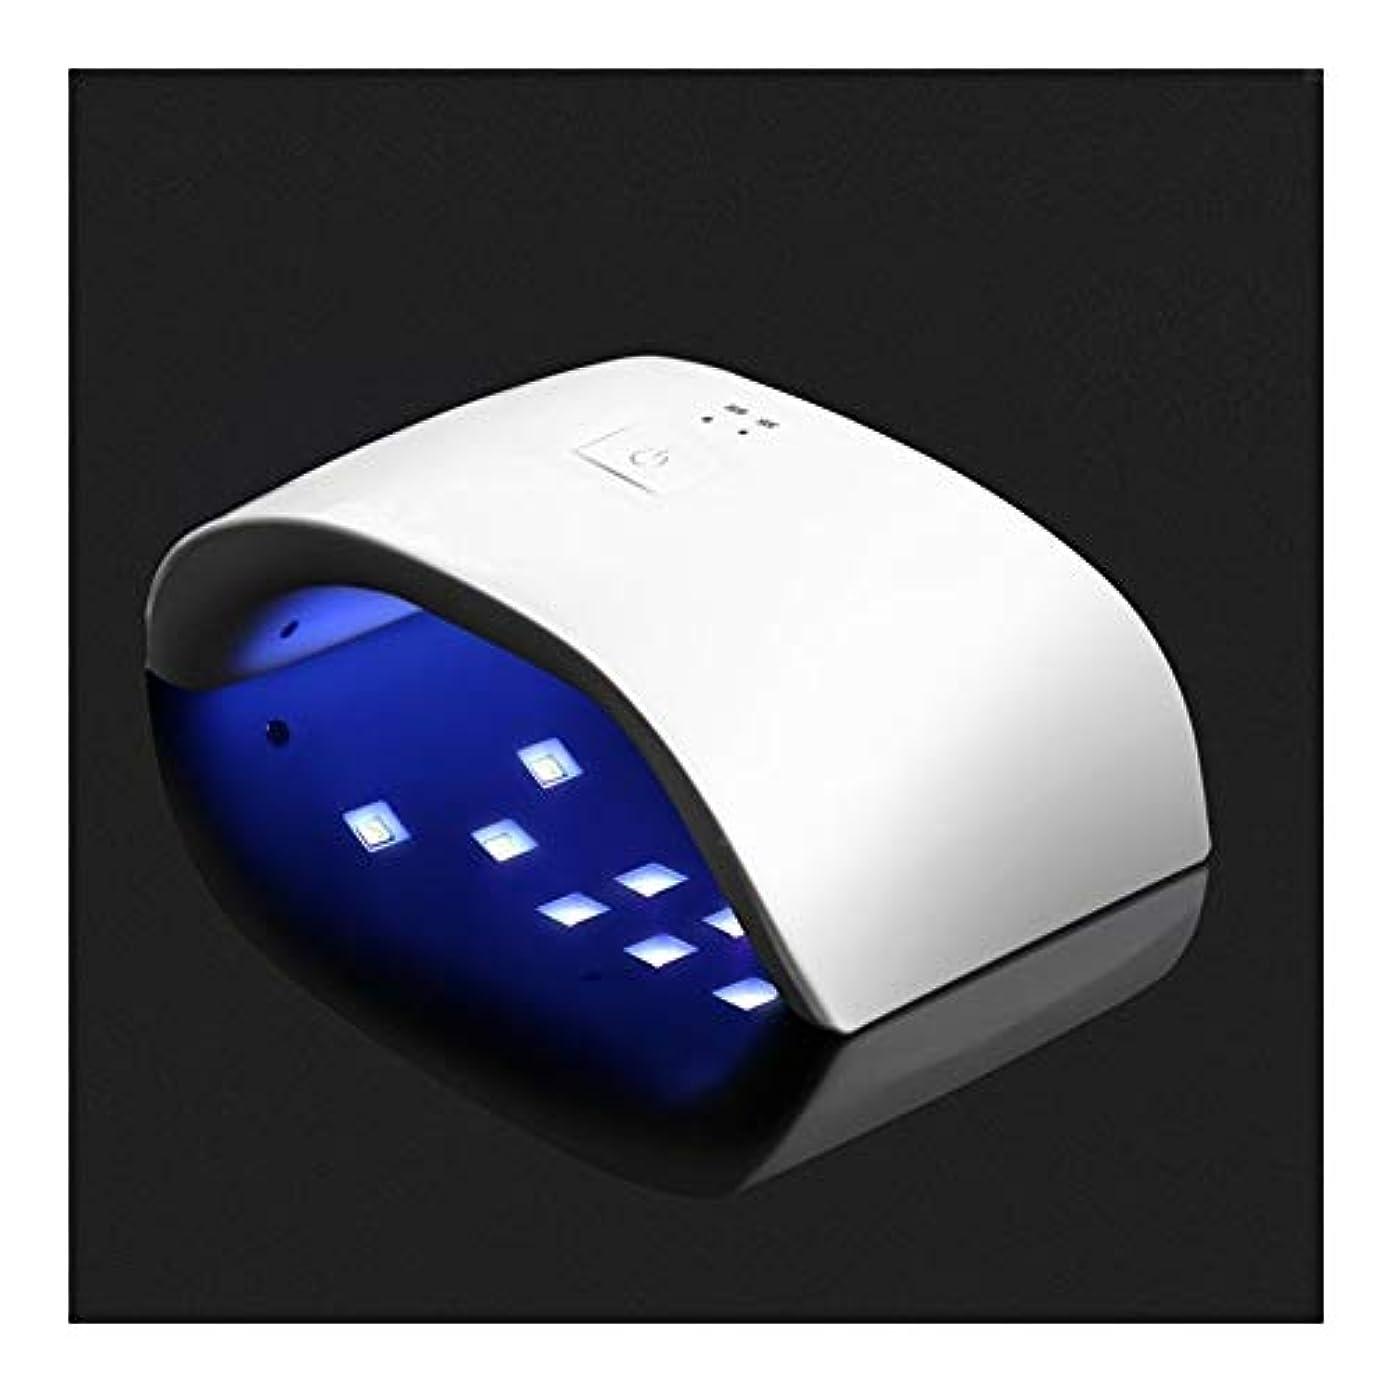 覆すベリ音声学LittleCat 36WネイルUV誘導機ドライヤースマート主導ネイルポリッシュプラスチックヒートランプライト処理ツール (色 : White)